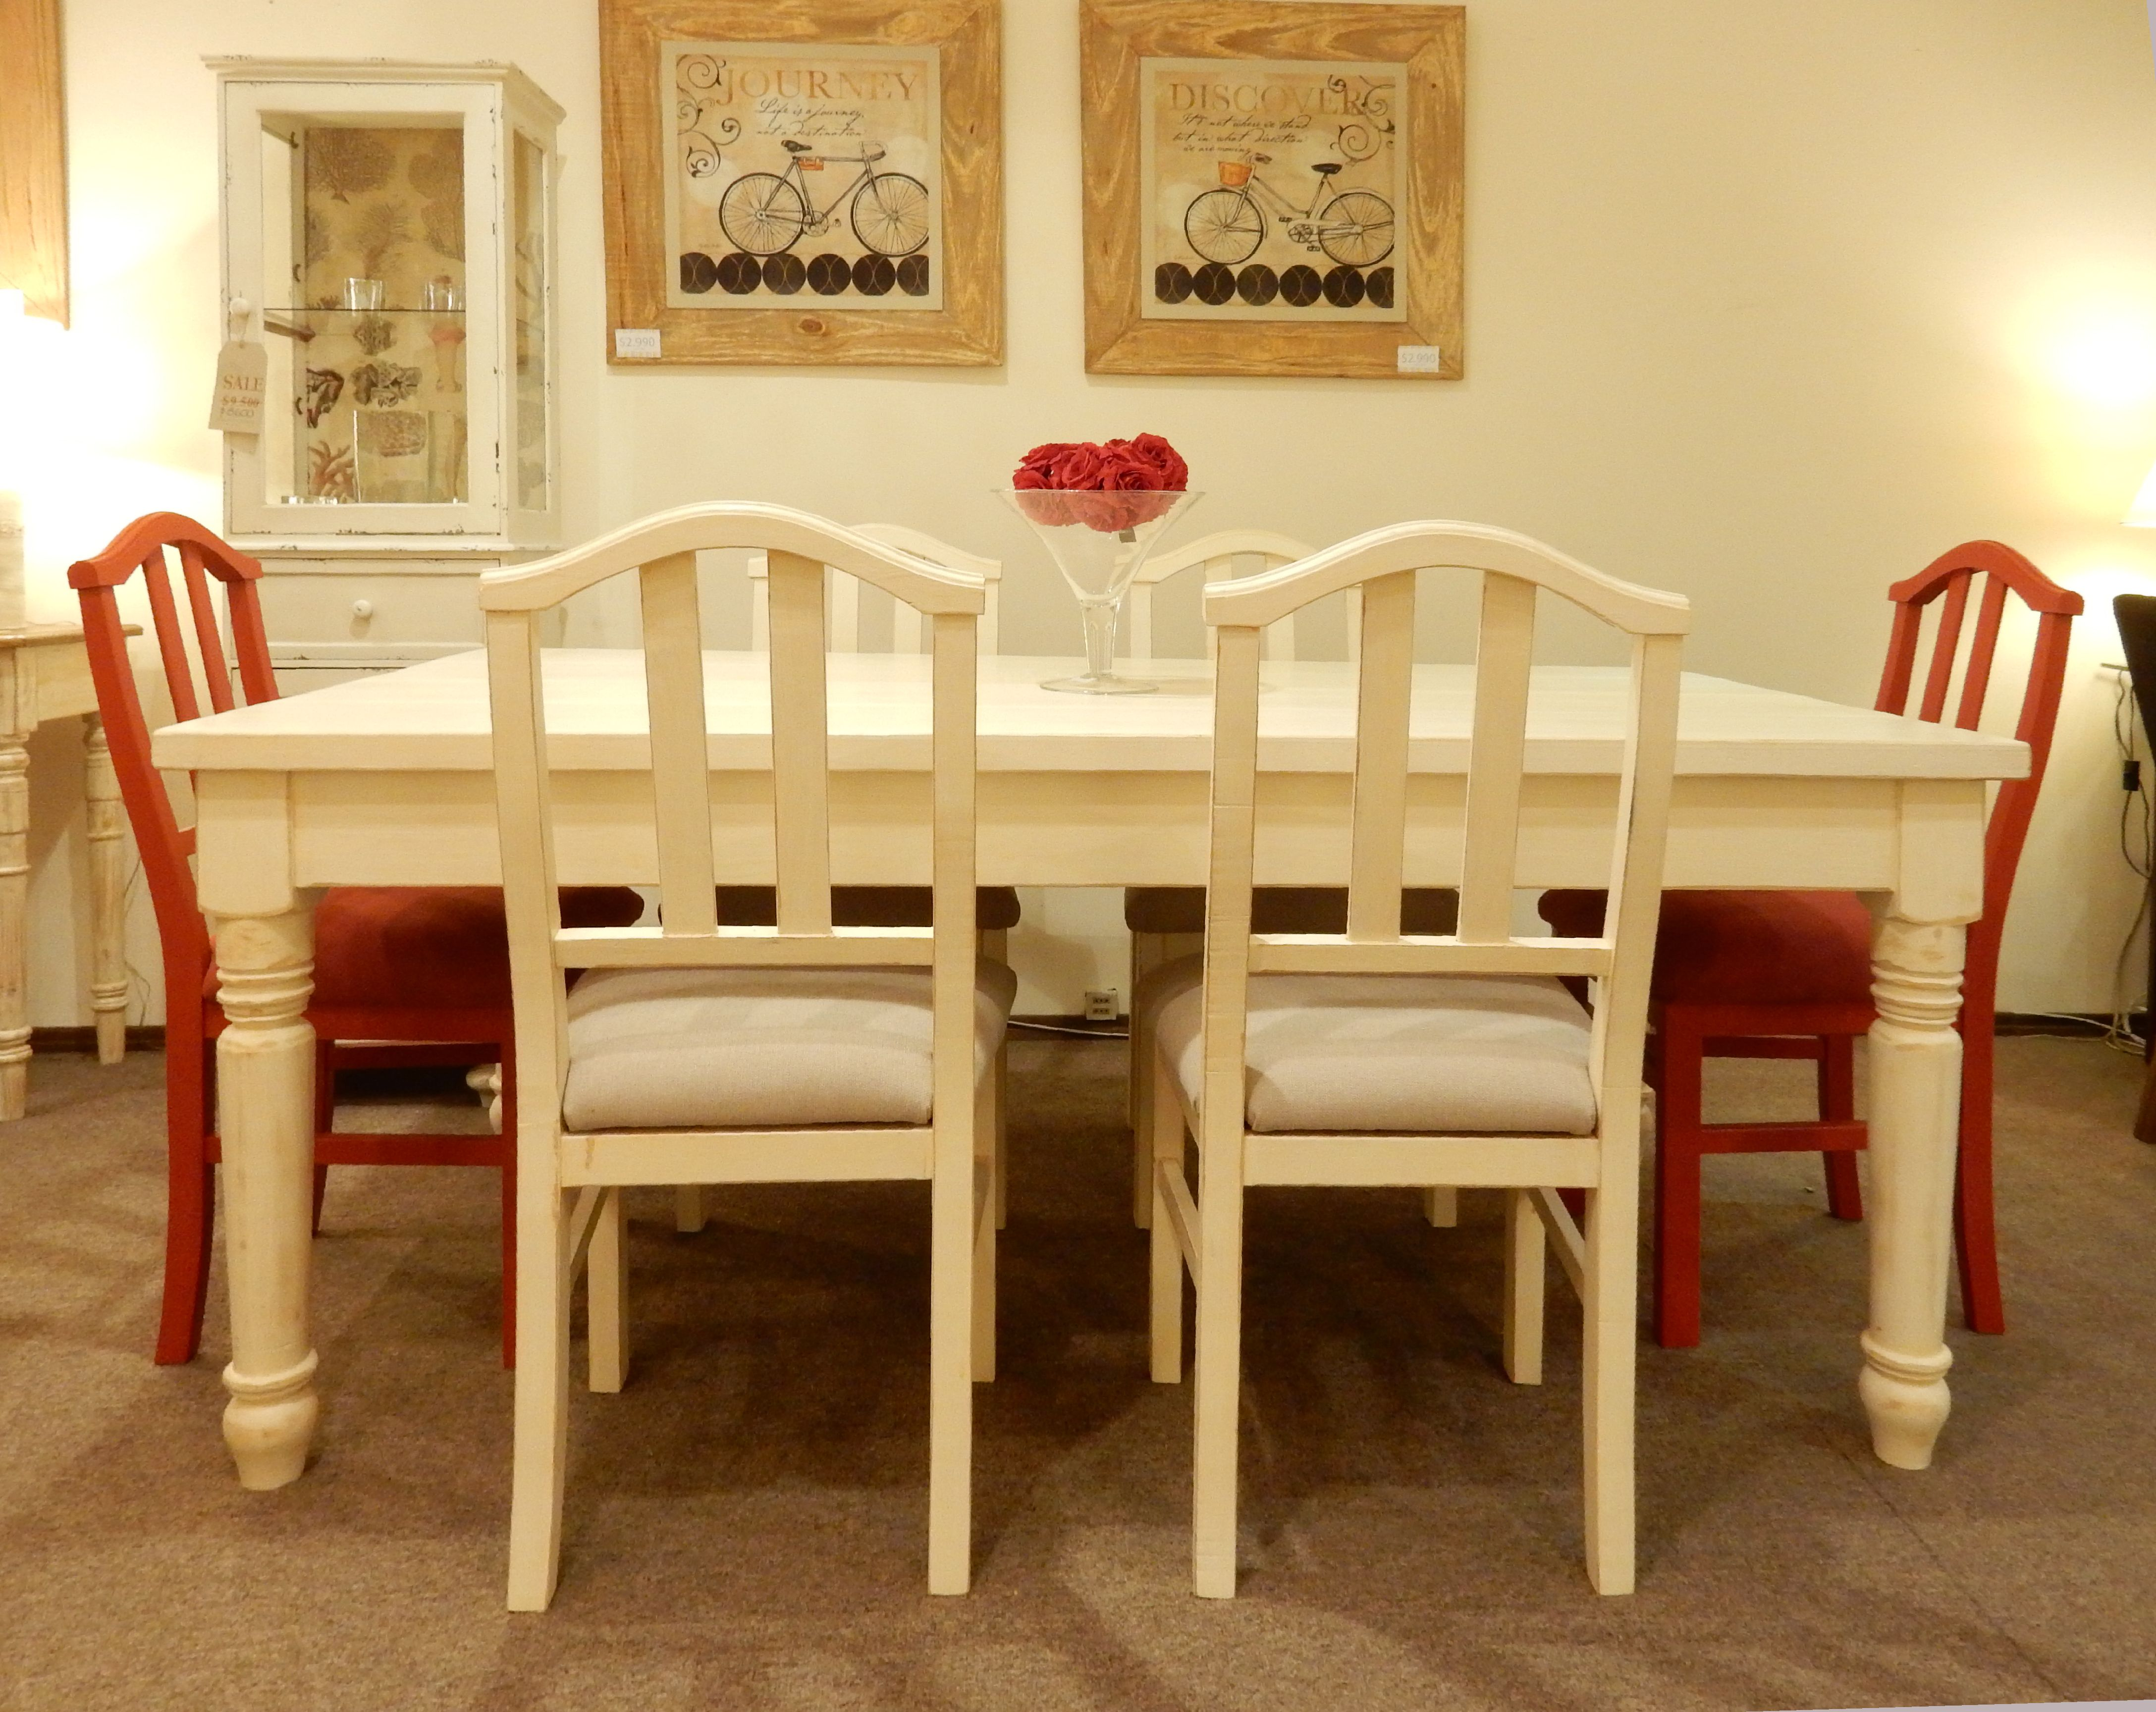 Juego de comedor con mesa de patas torneadas y sillas